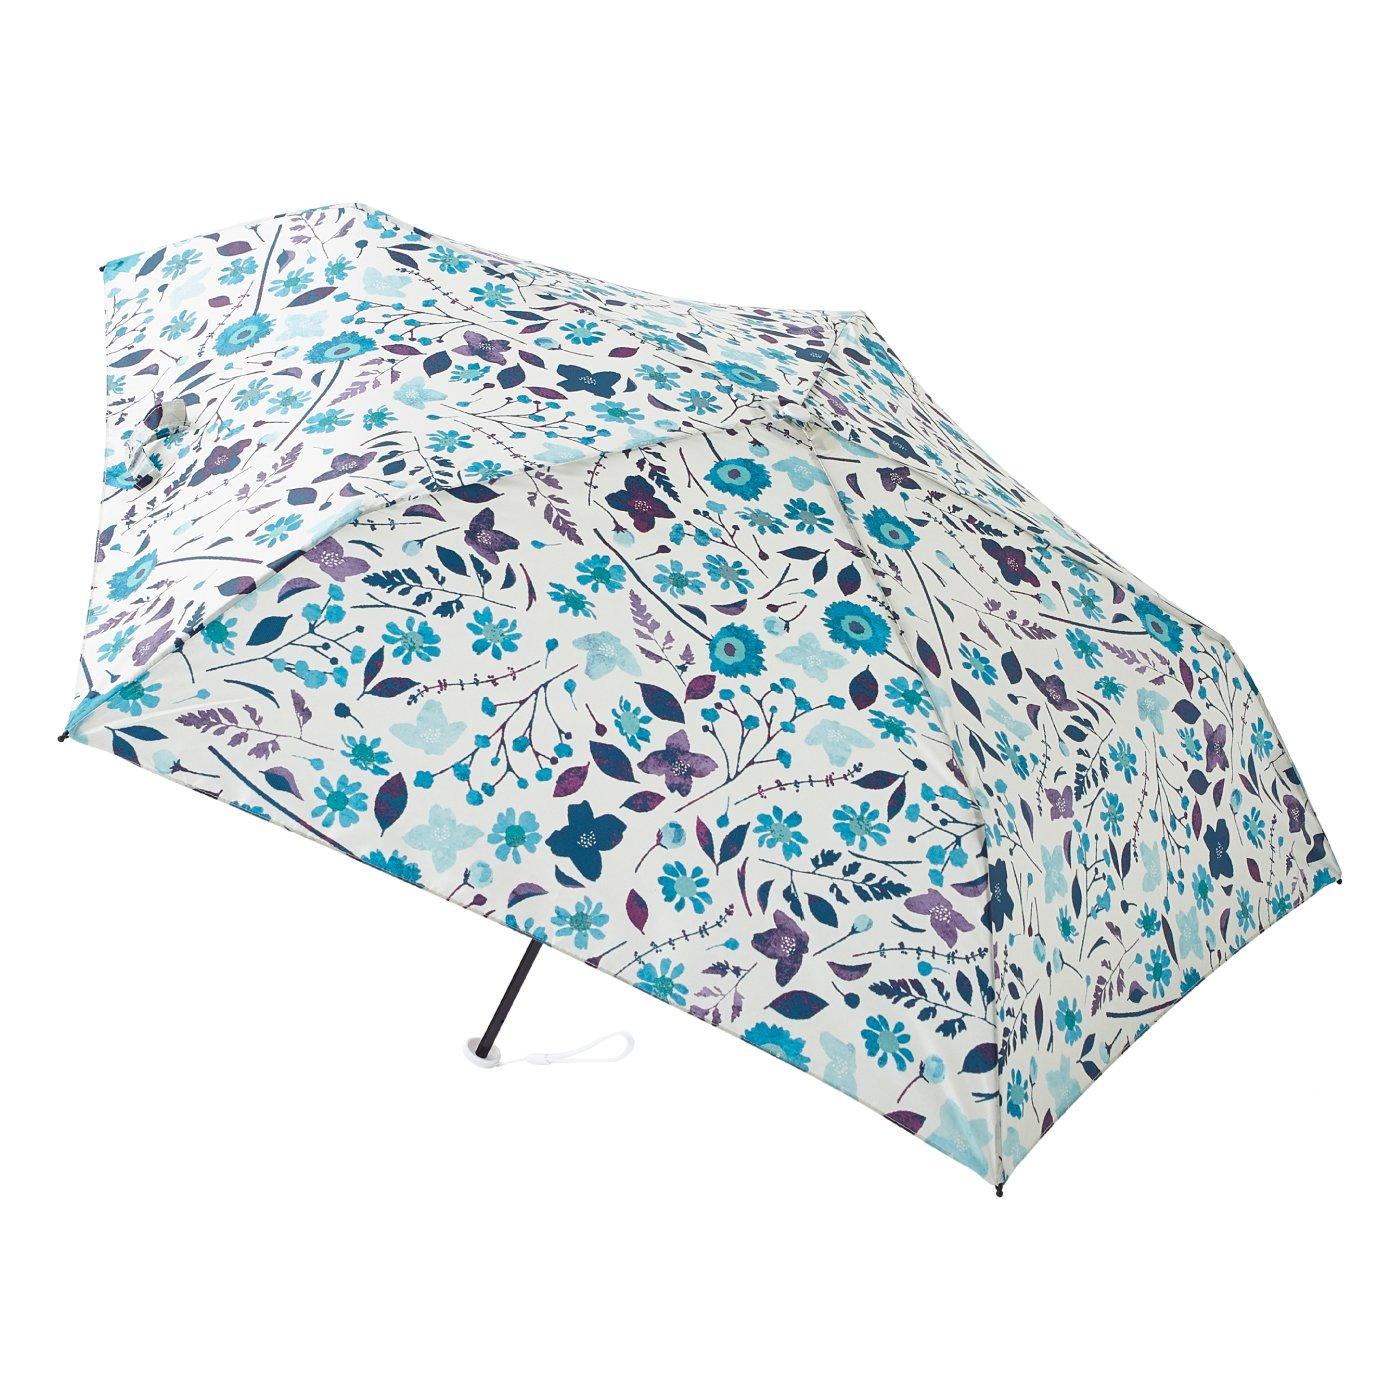 晴雨兼用 UV防止 小花が愛らしい estaa / エスタ 『はなばな』 超軽量雨傘